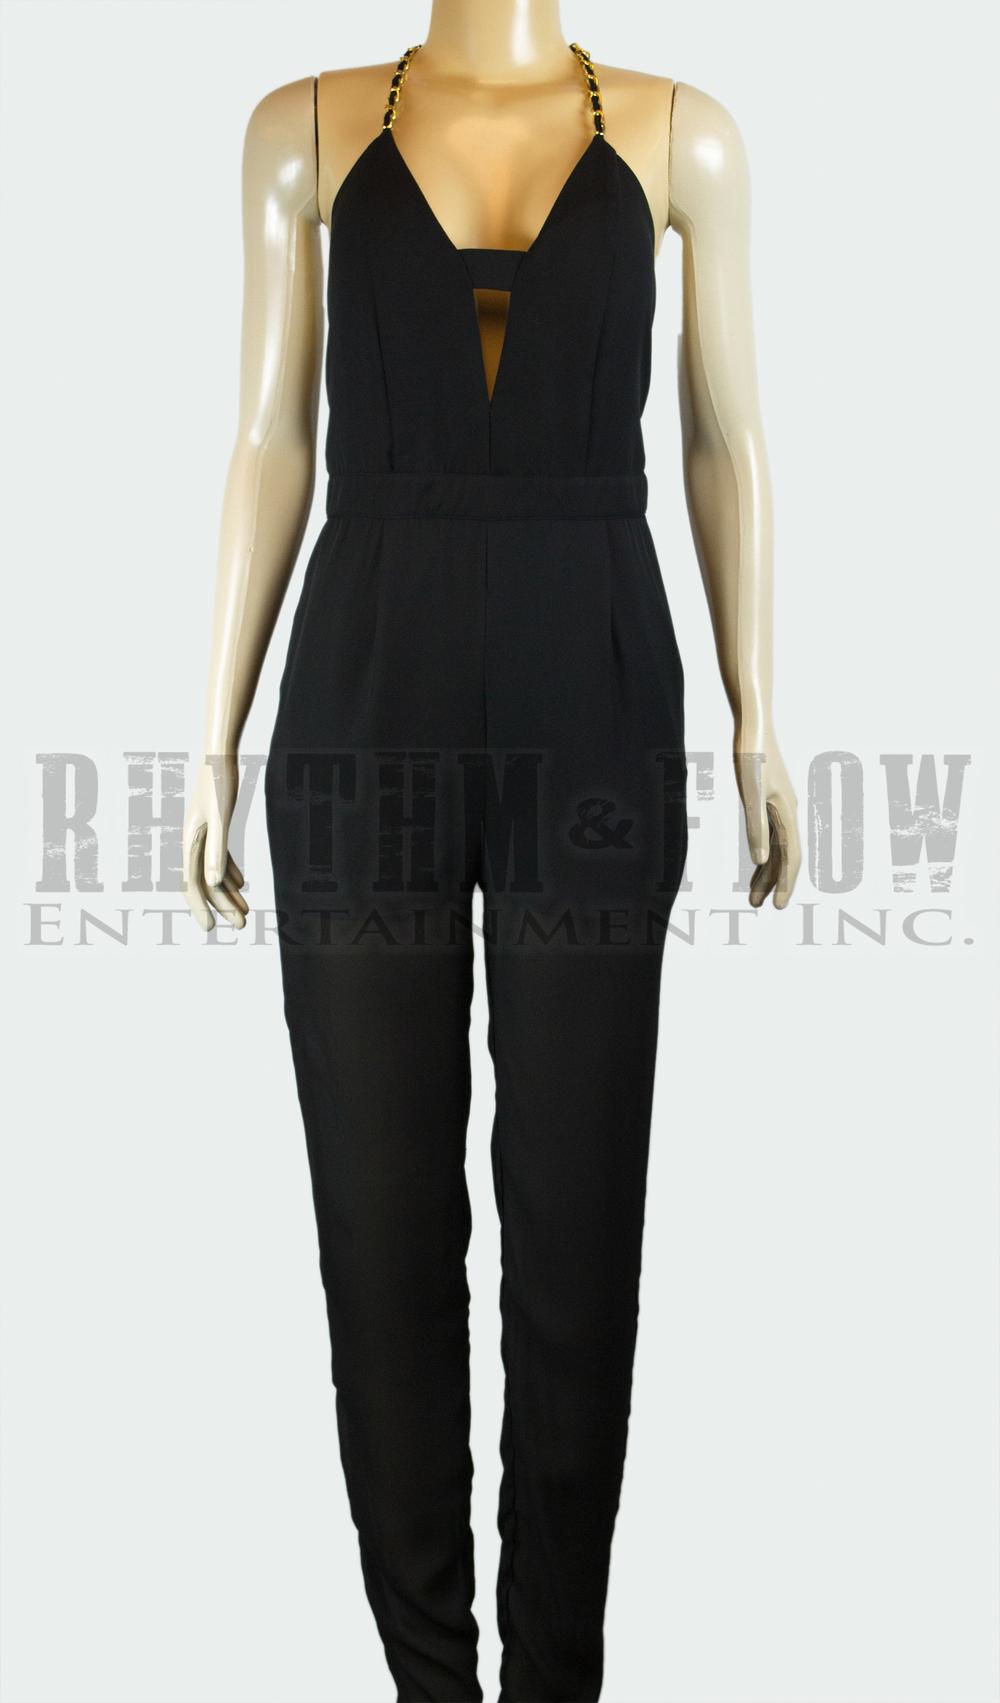 dress14.jpg